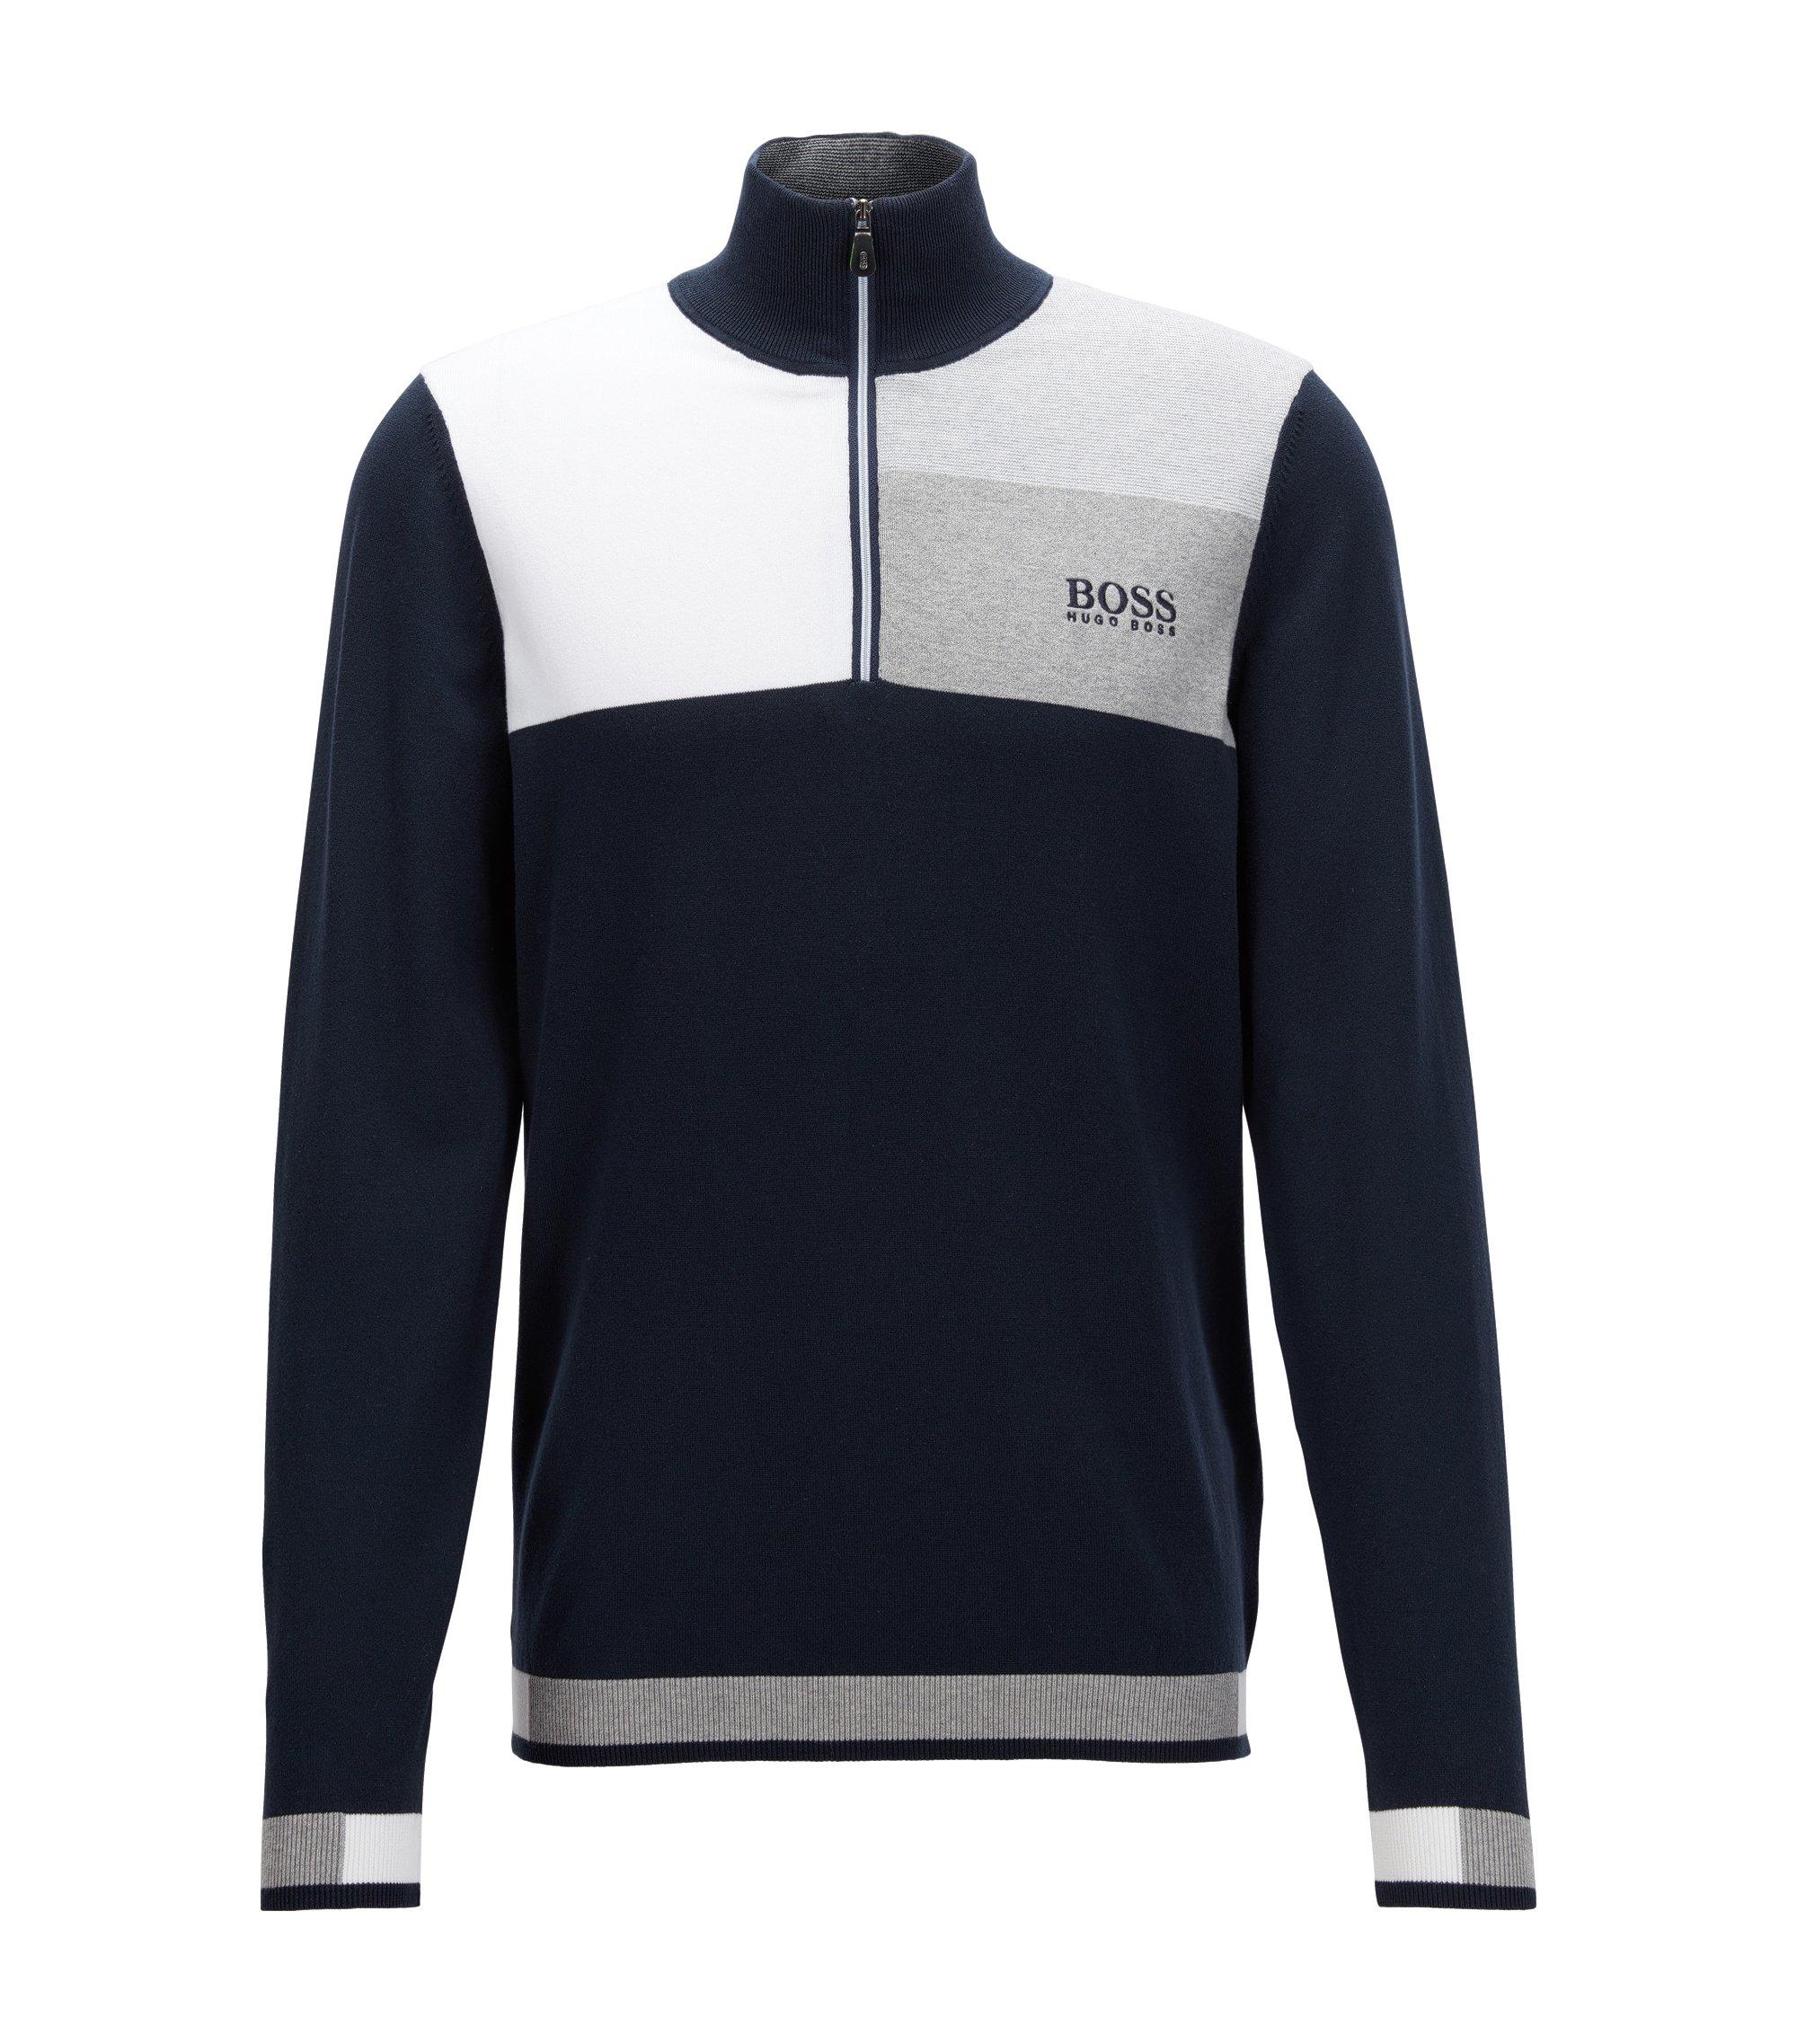 Maglione idrorepellente con colletto con zip della collezione Professionale Golf, Blu scuro